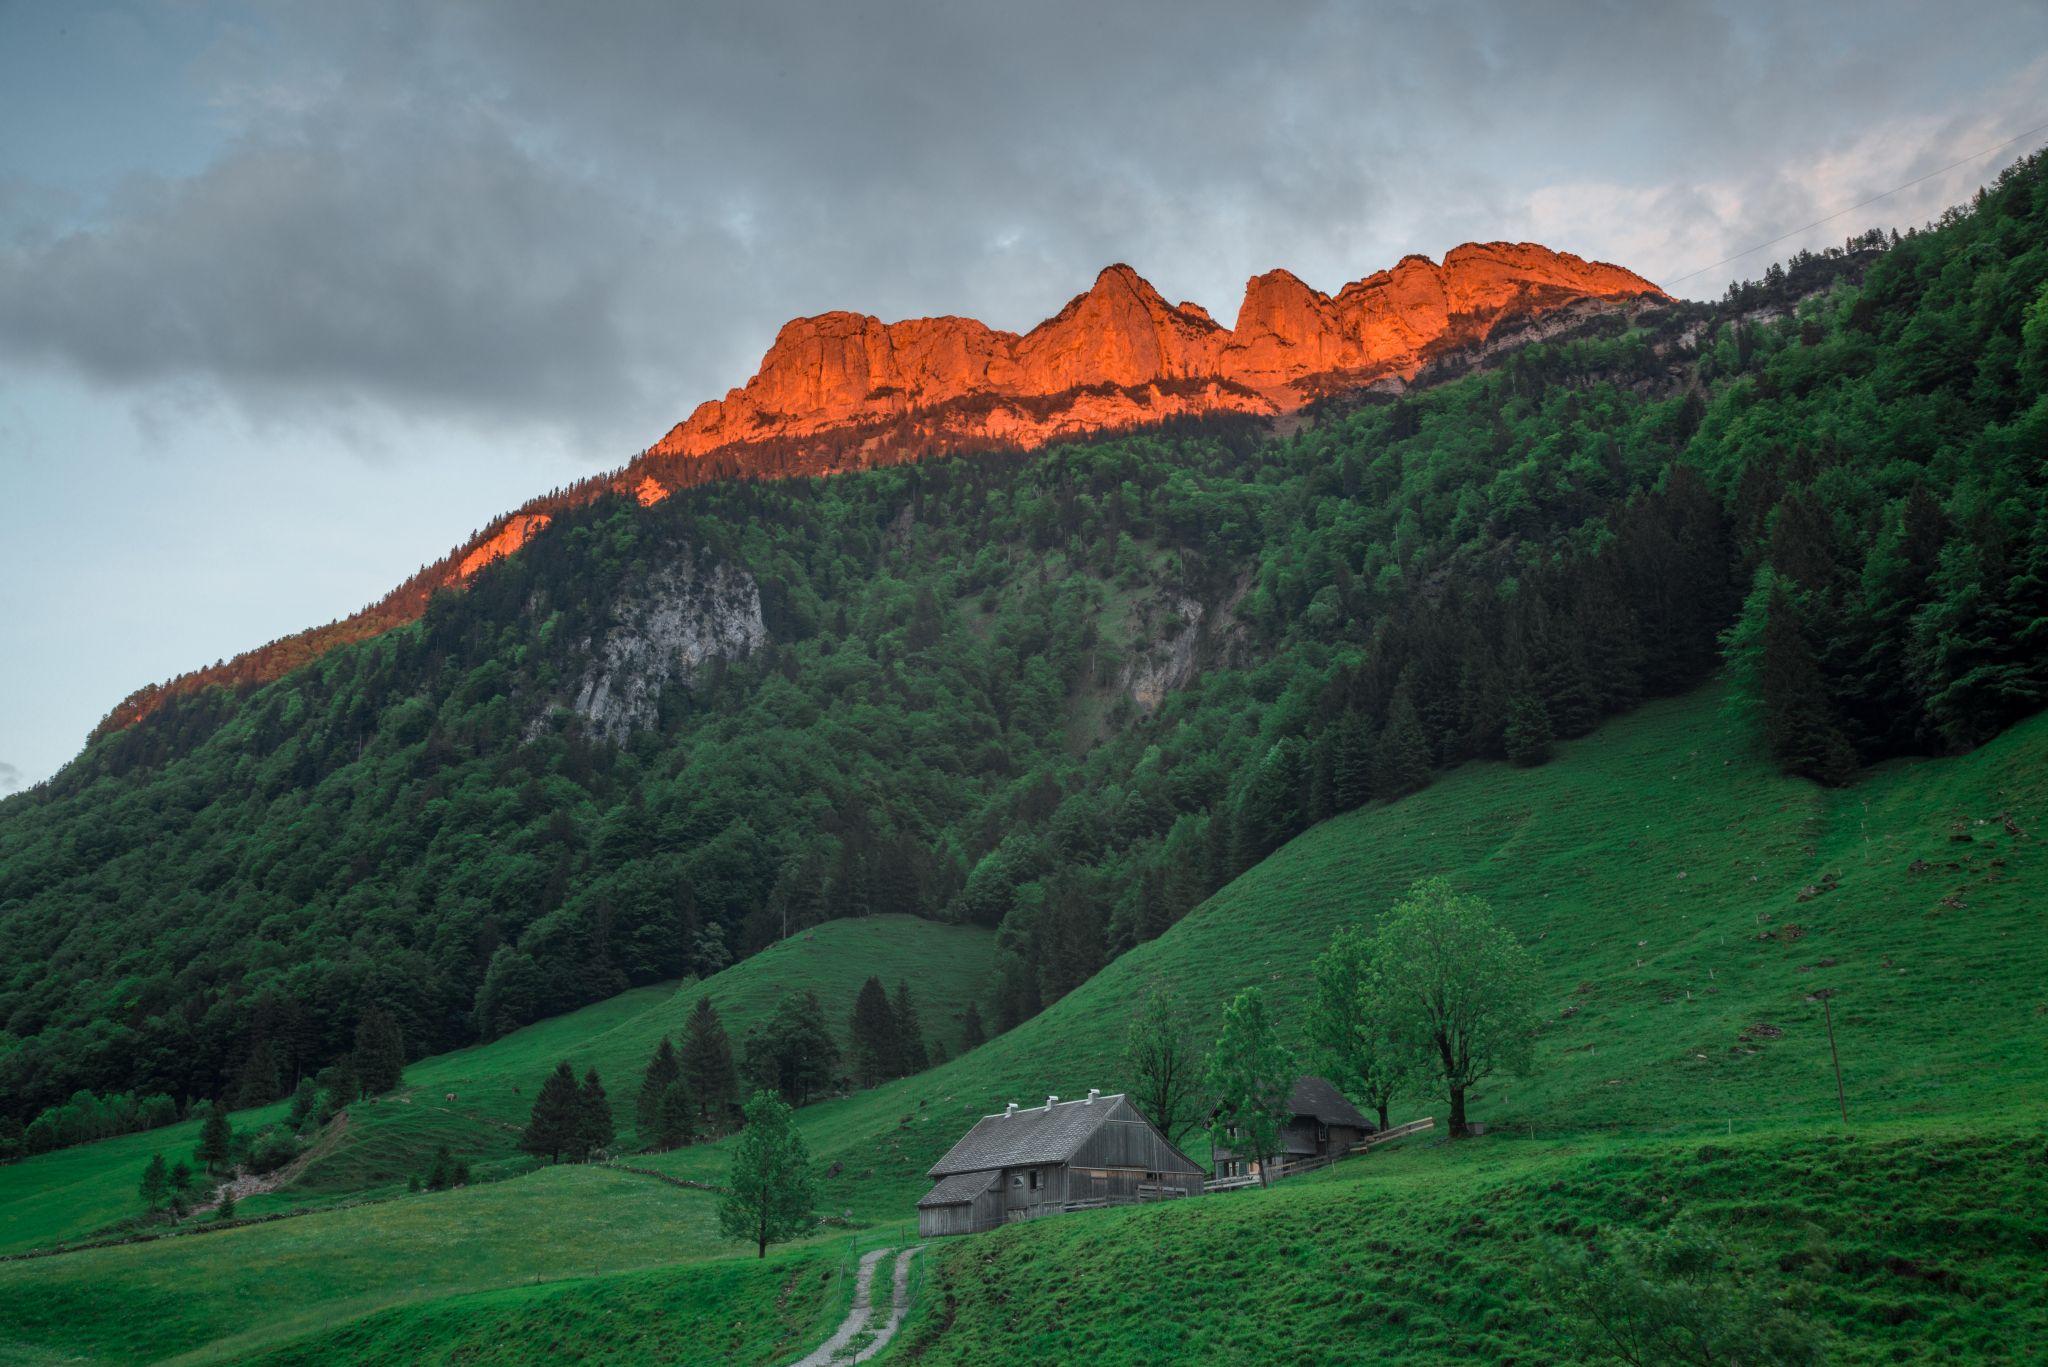 Elektrizitätswerk Wasserauen, Switzerland